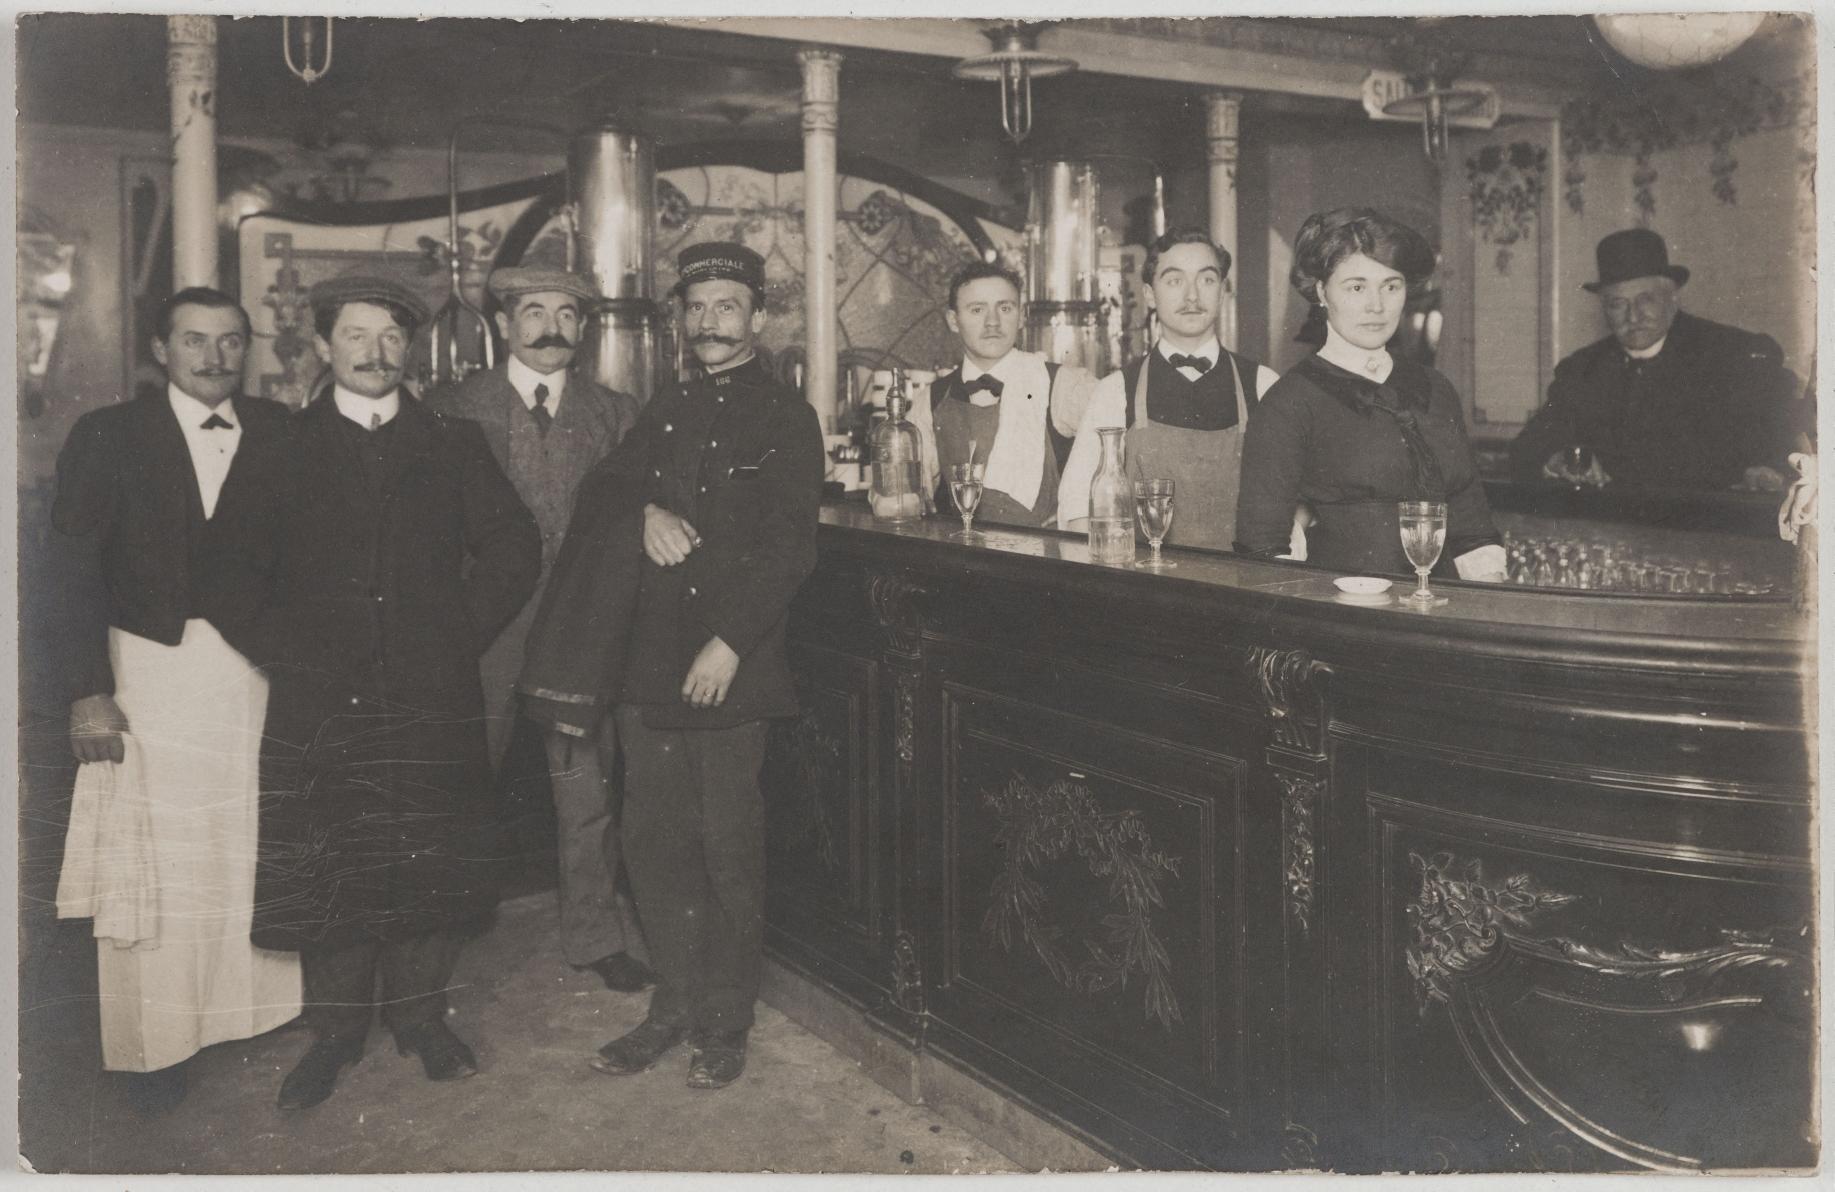 1900-1915. Кафе Бьар, 52 rue Richer (9-й округ). Сейчас на этом месте книжный магазин